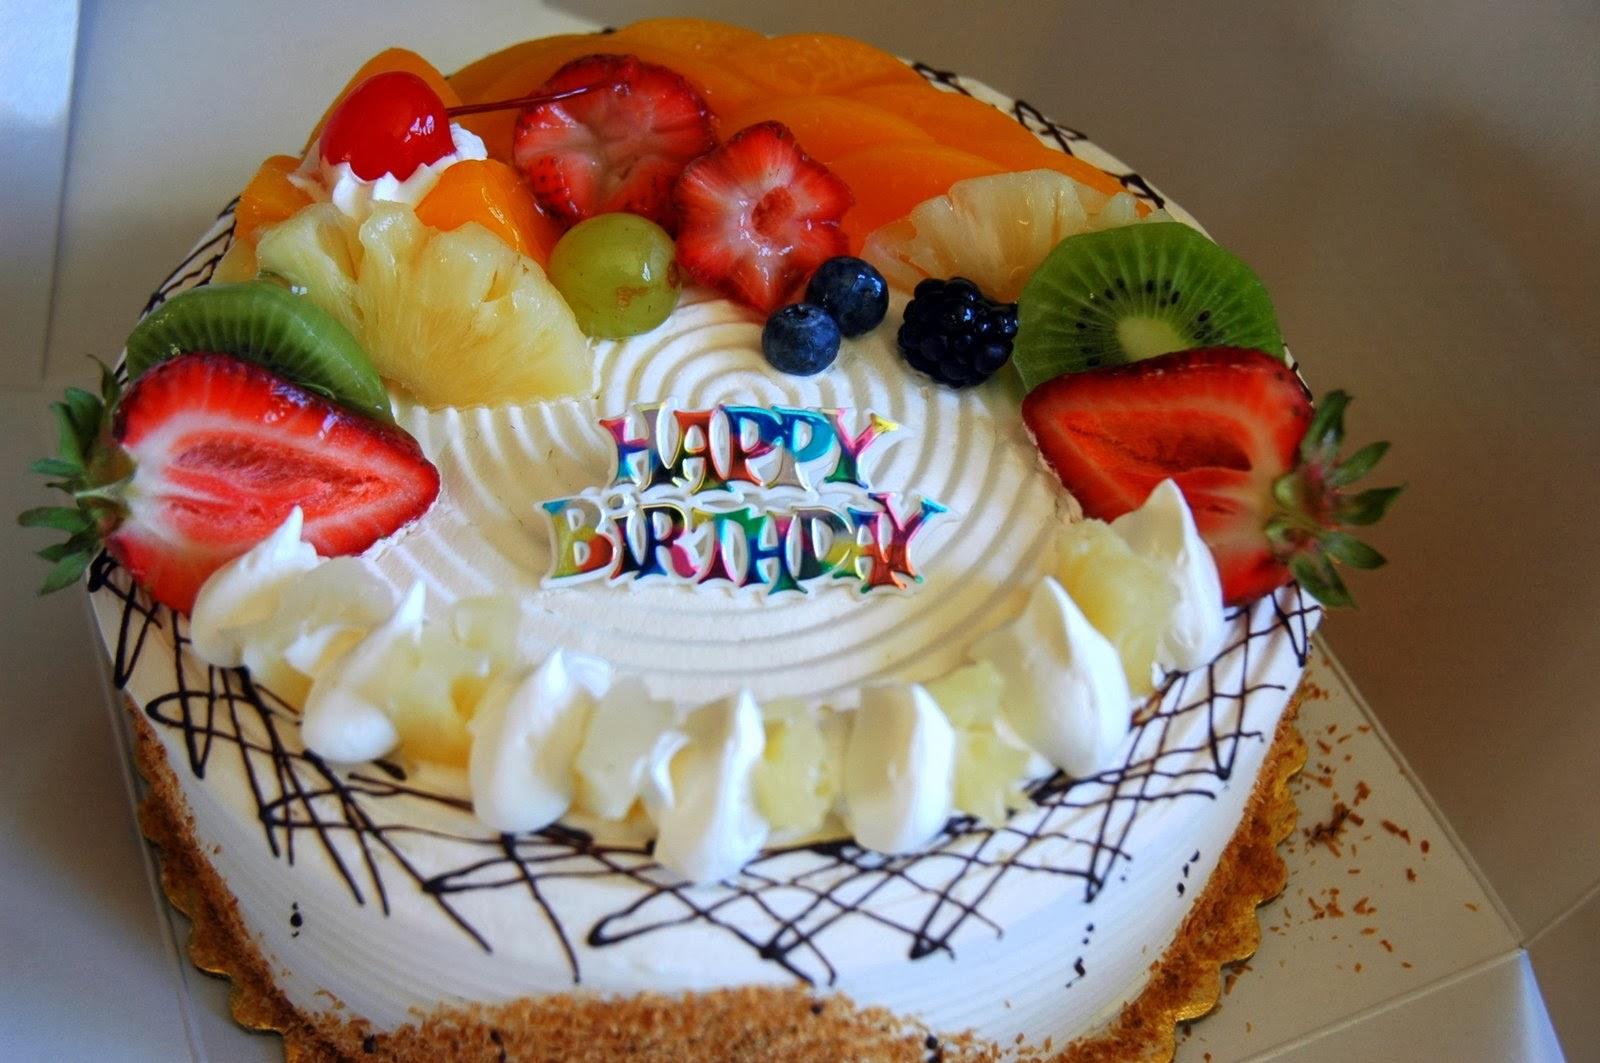 بالصور كلمات لعيد ميلاد حبيبي فيس بوك , ارق الكلمات لعيد ميلاد حبيبى على الفيس بوك 3552 8